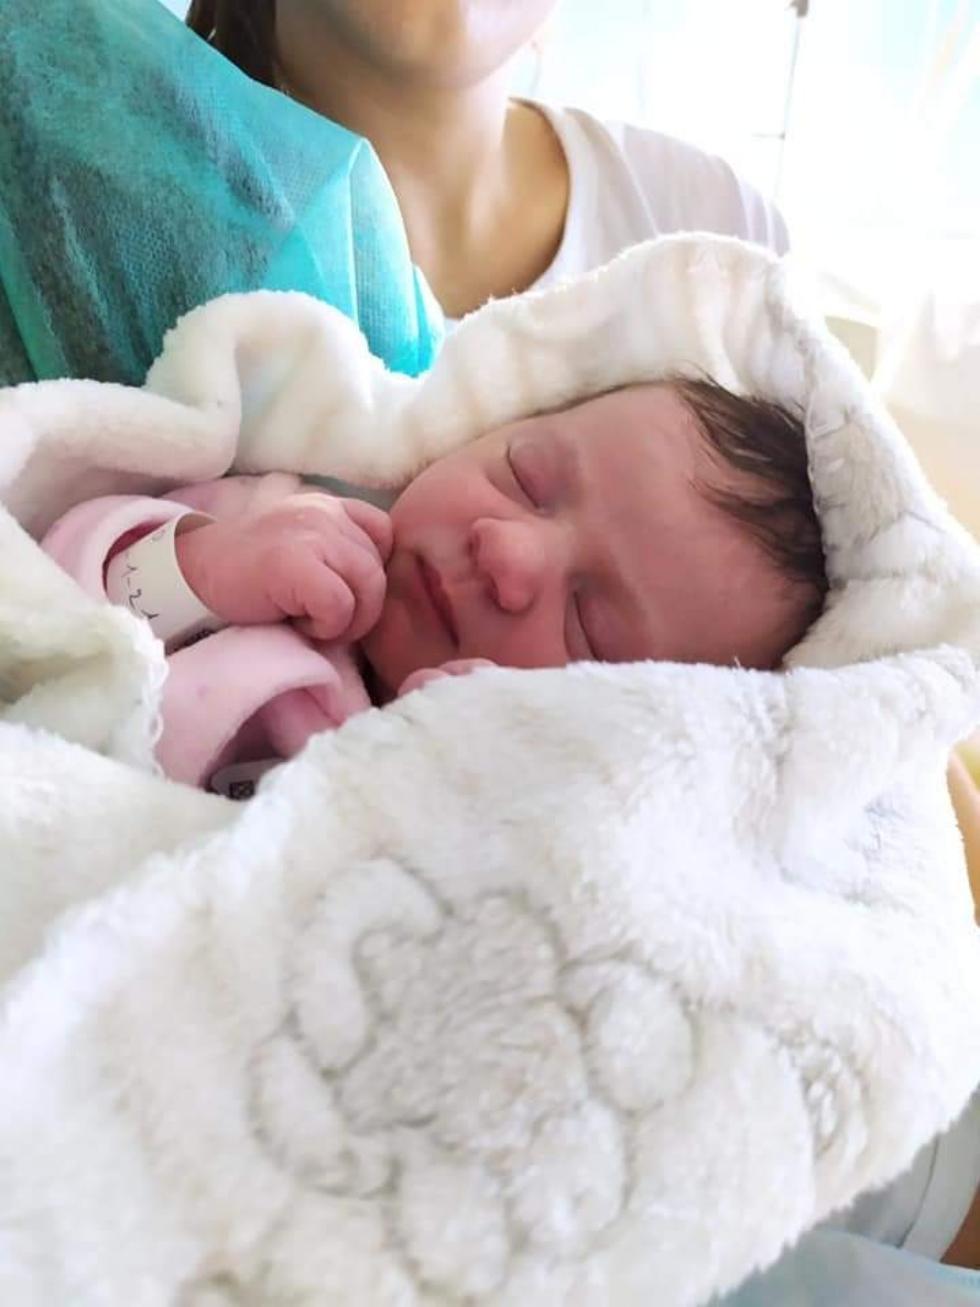 RIVOLI-MAPPANO-VENARIA - L'ultimo nato è Salman. I primi si chiamano Ettore e Sofia